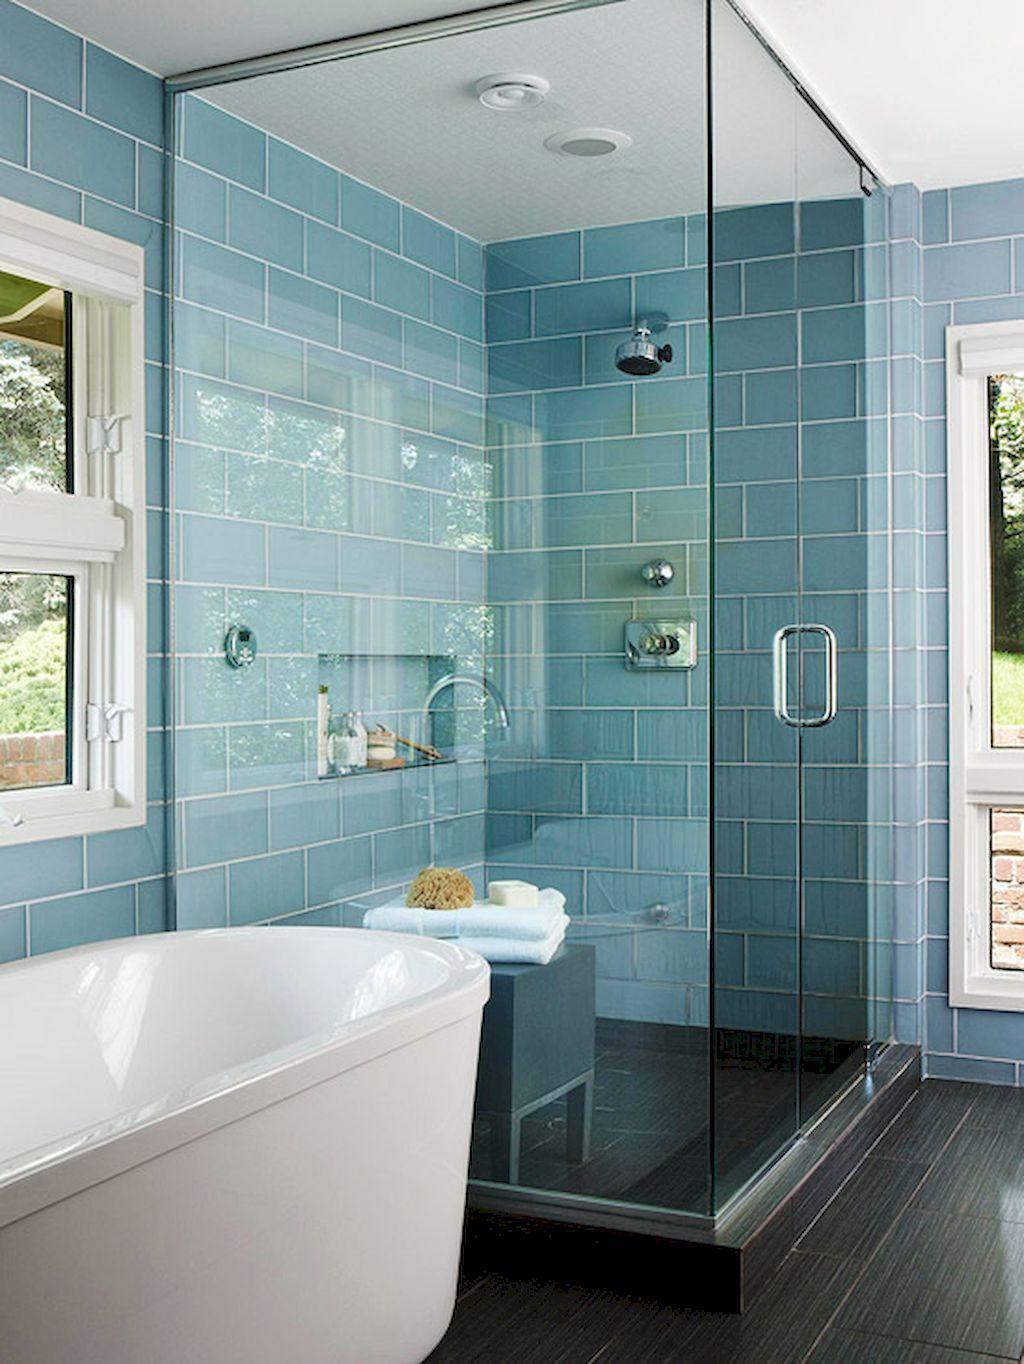 75 Amazing Bathroom in Blue Remodel Ideas   Remodel bathroom, Bath ...